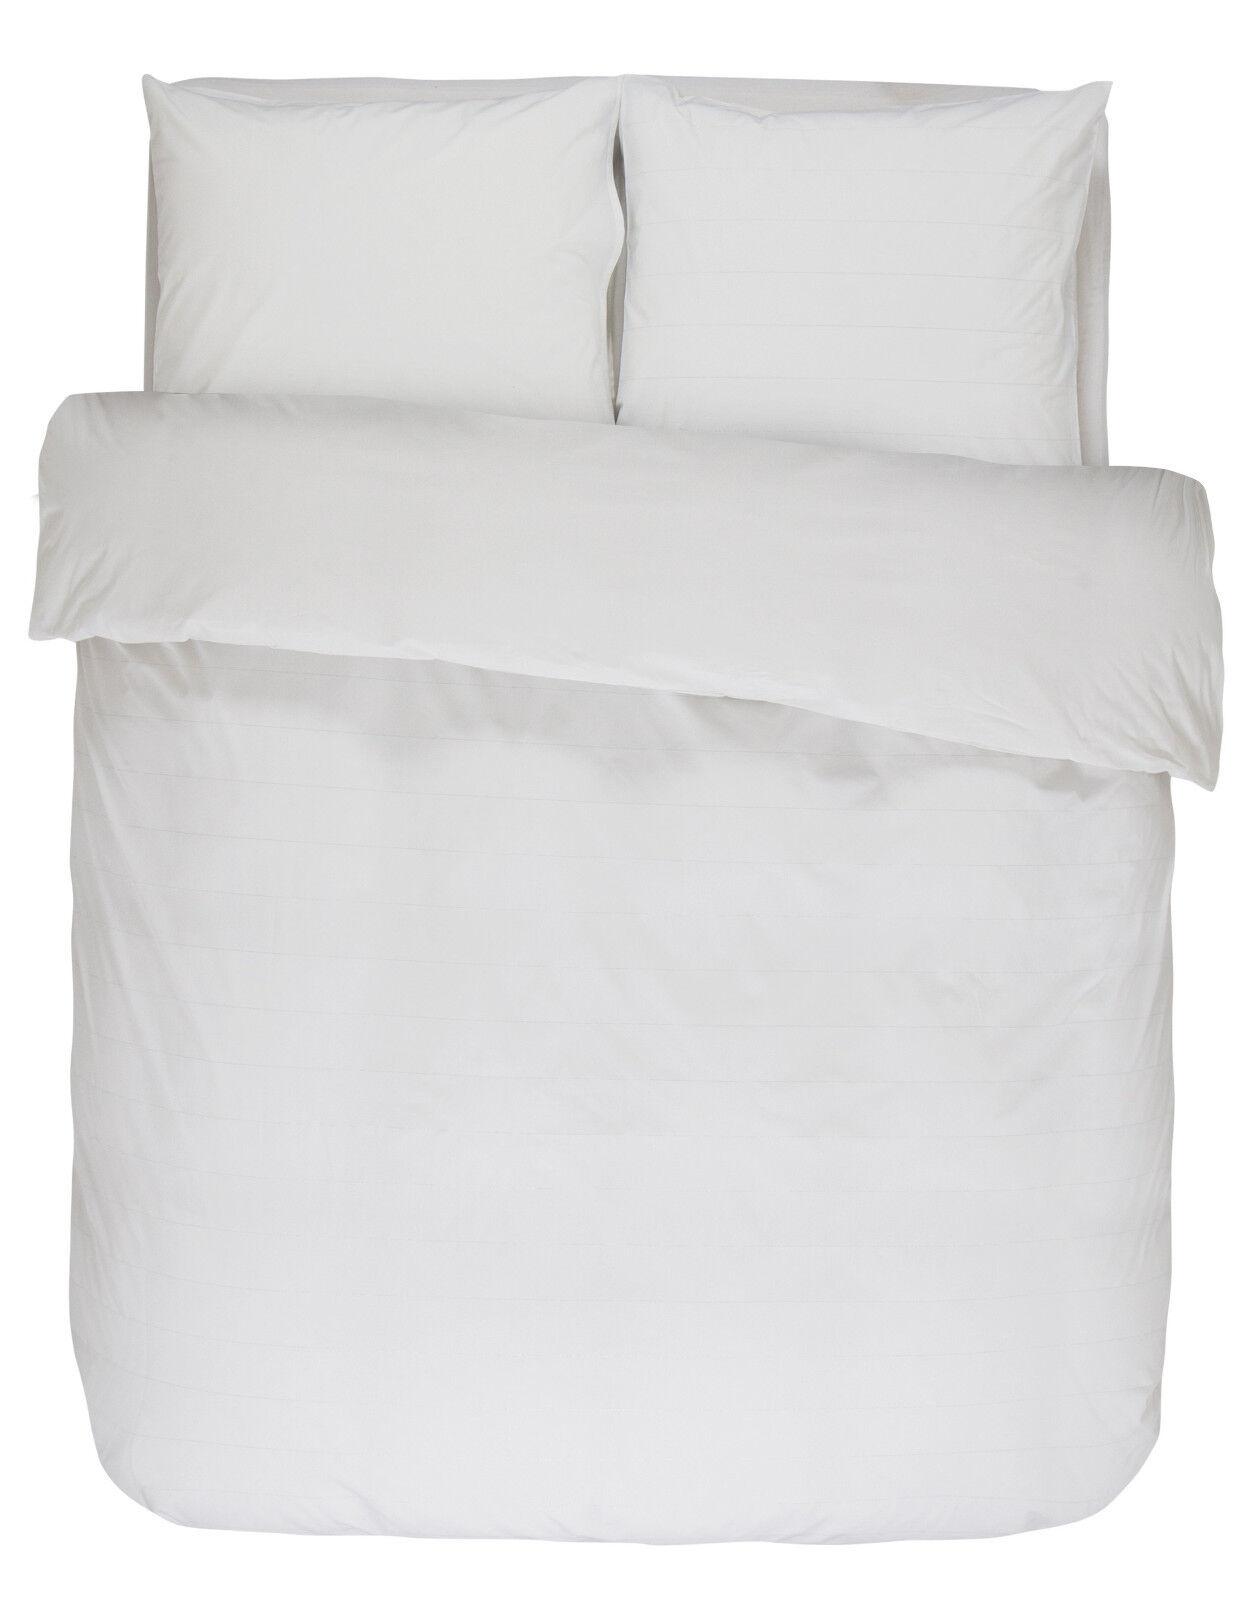 Essenza Bettwäsche Odele Weiß135 155 200 Baumwolle Perkal Lurex Weiß Odele